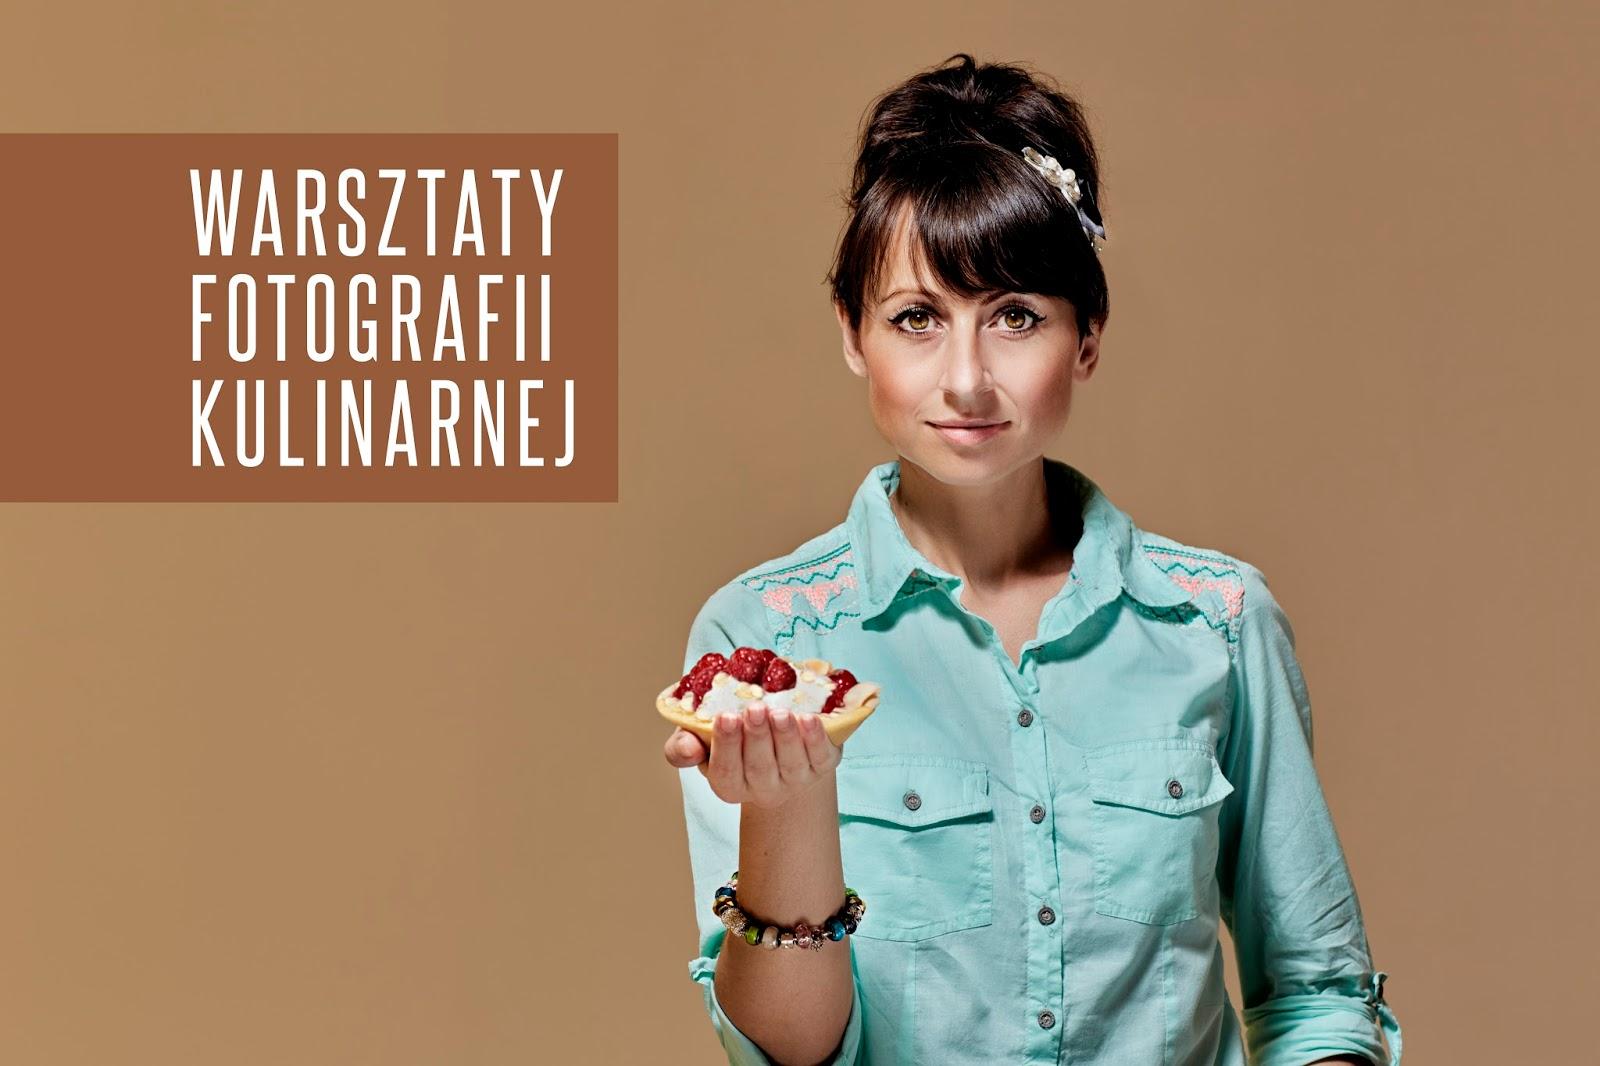 warsztaty fotografii kulinarnej, szkolenie z fotografii kulinarnej, fotografia kulinarna, stylizacja potraw, warsztaty w szczecinie, szczecin, fotografia jedzenia, stylizacja jedzenia